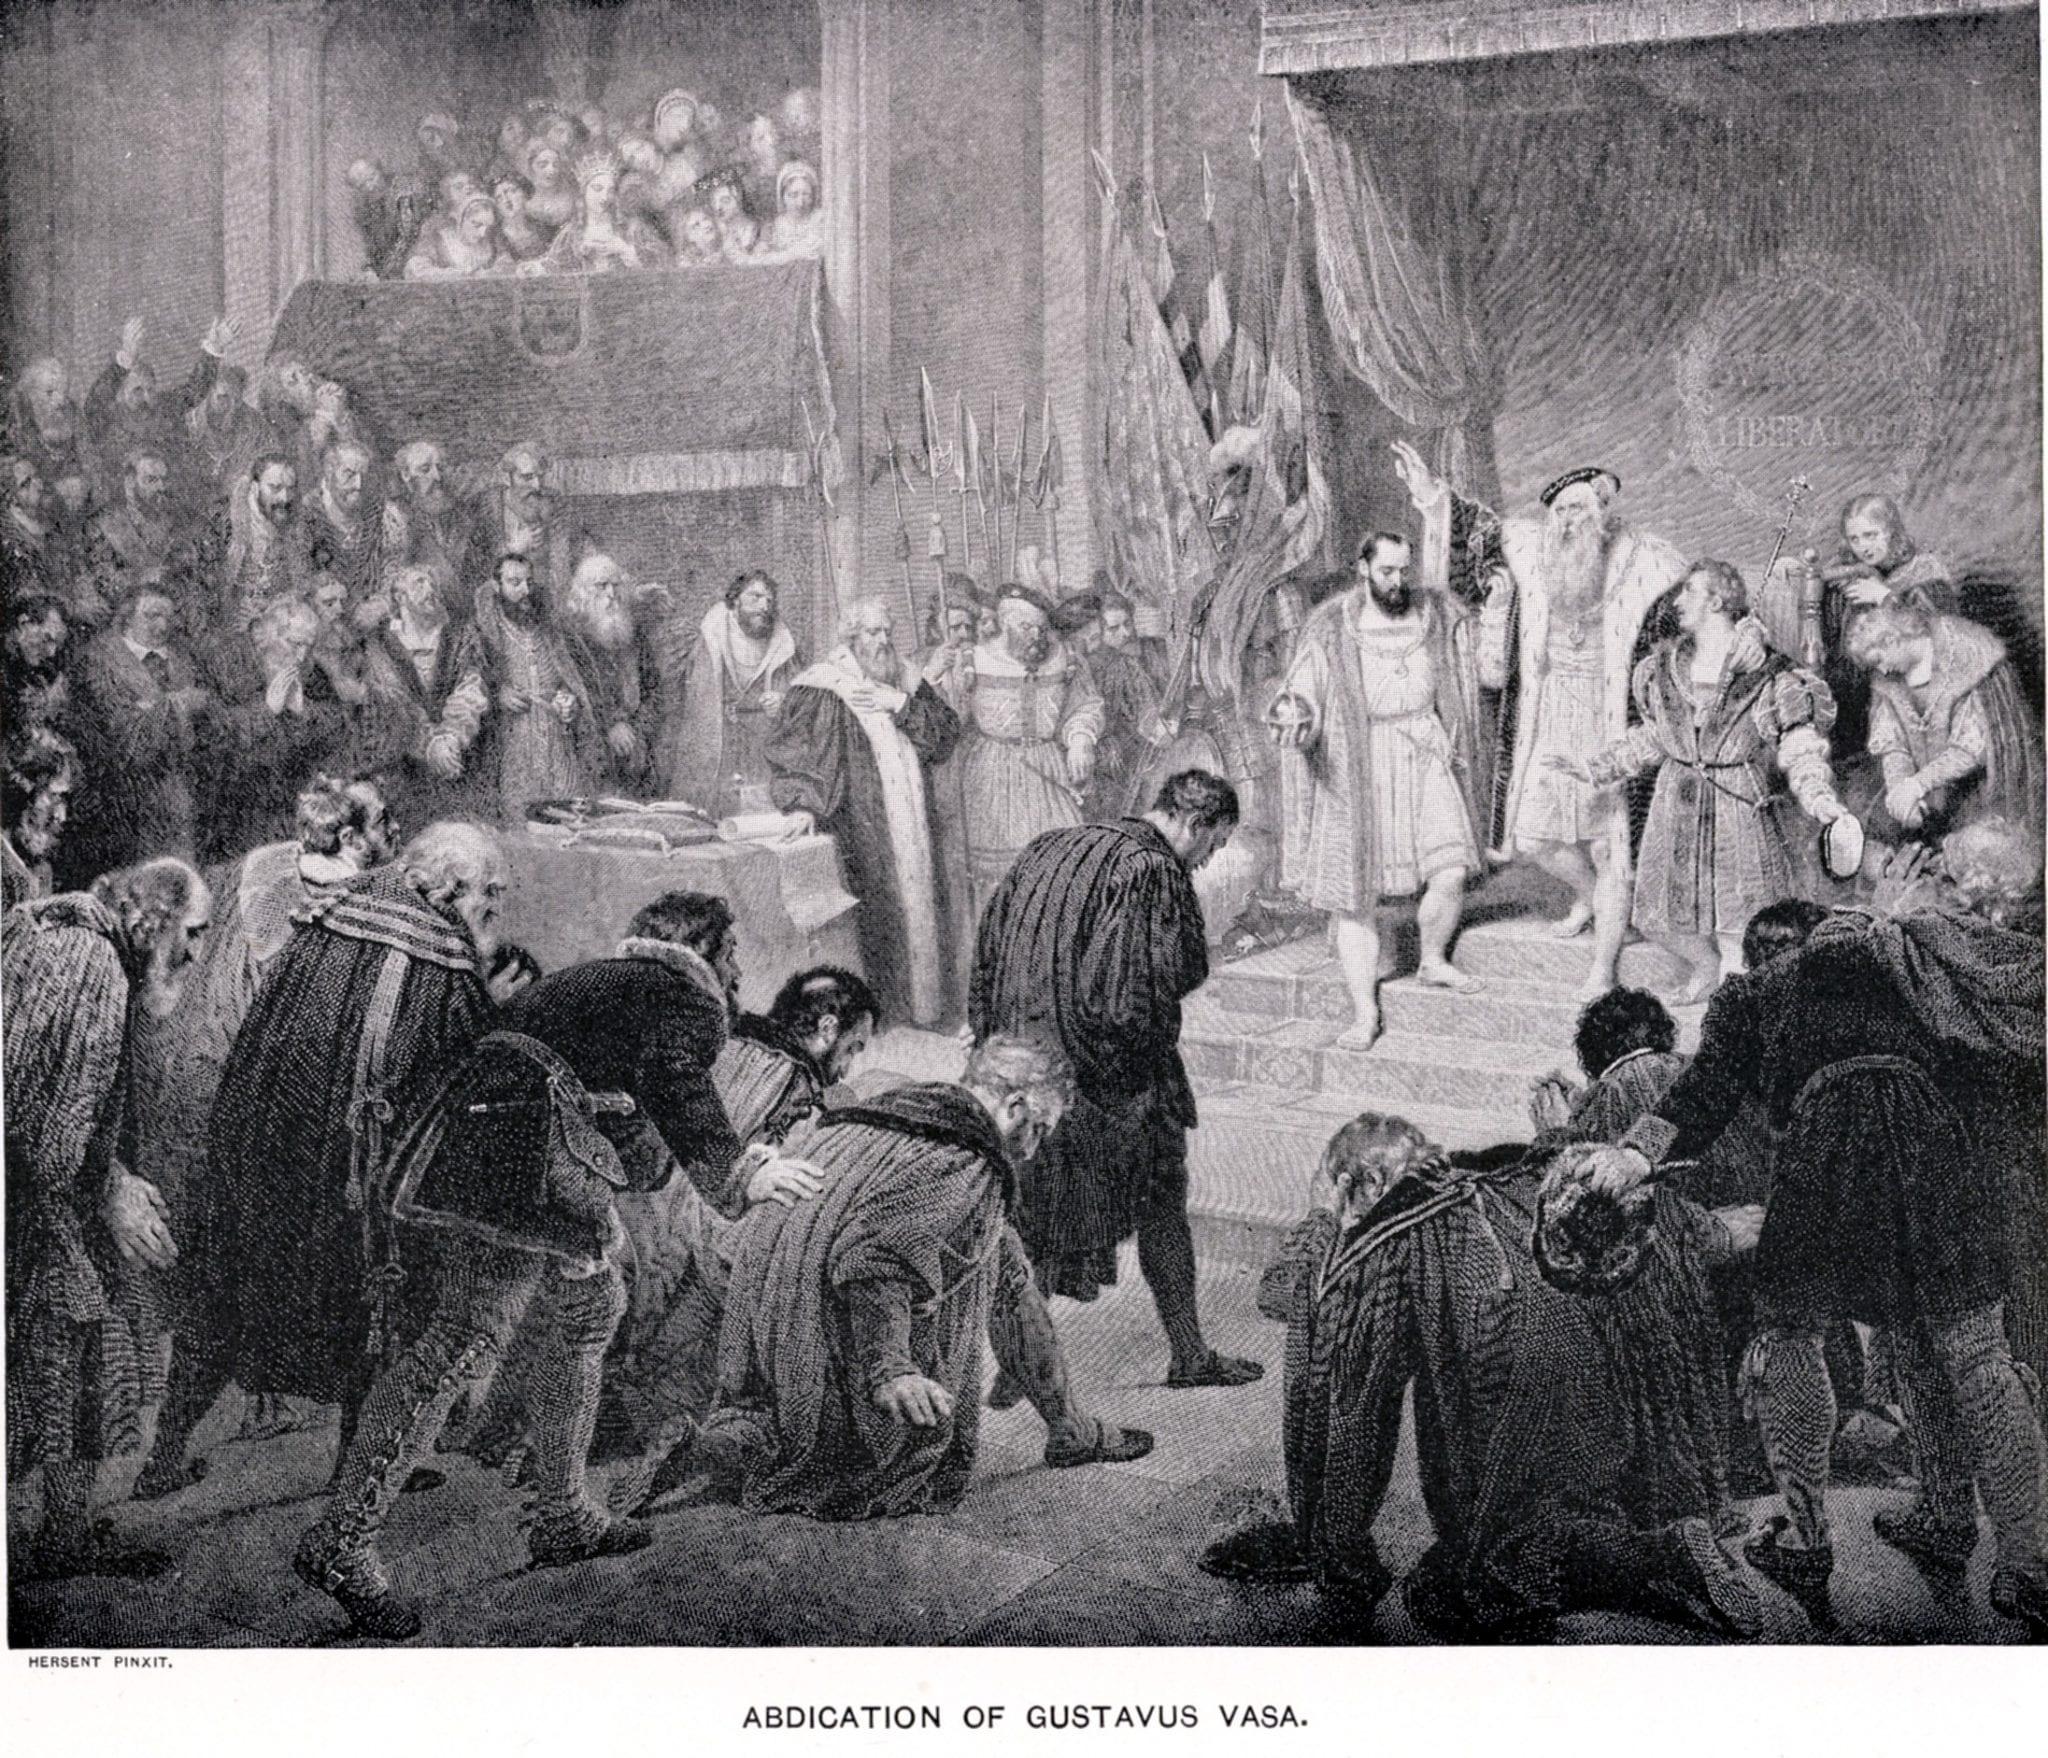 Pic 1 – Abduction of Gustavus Vasa